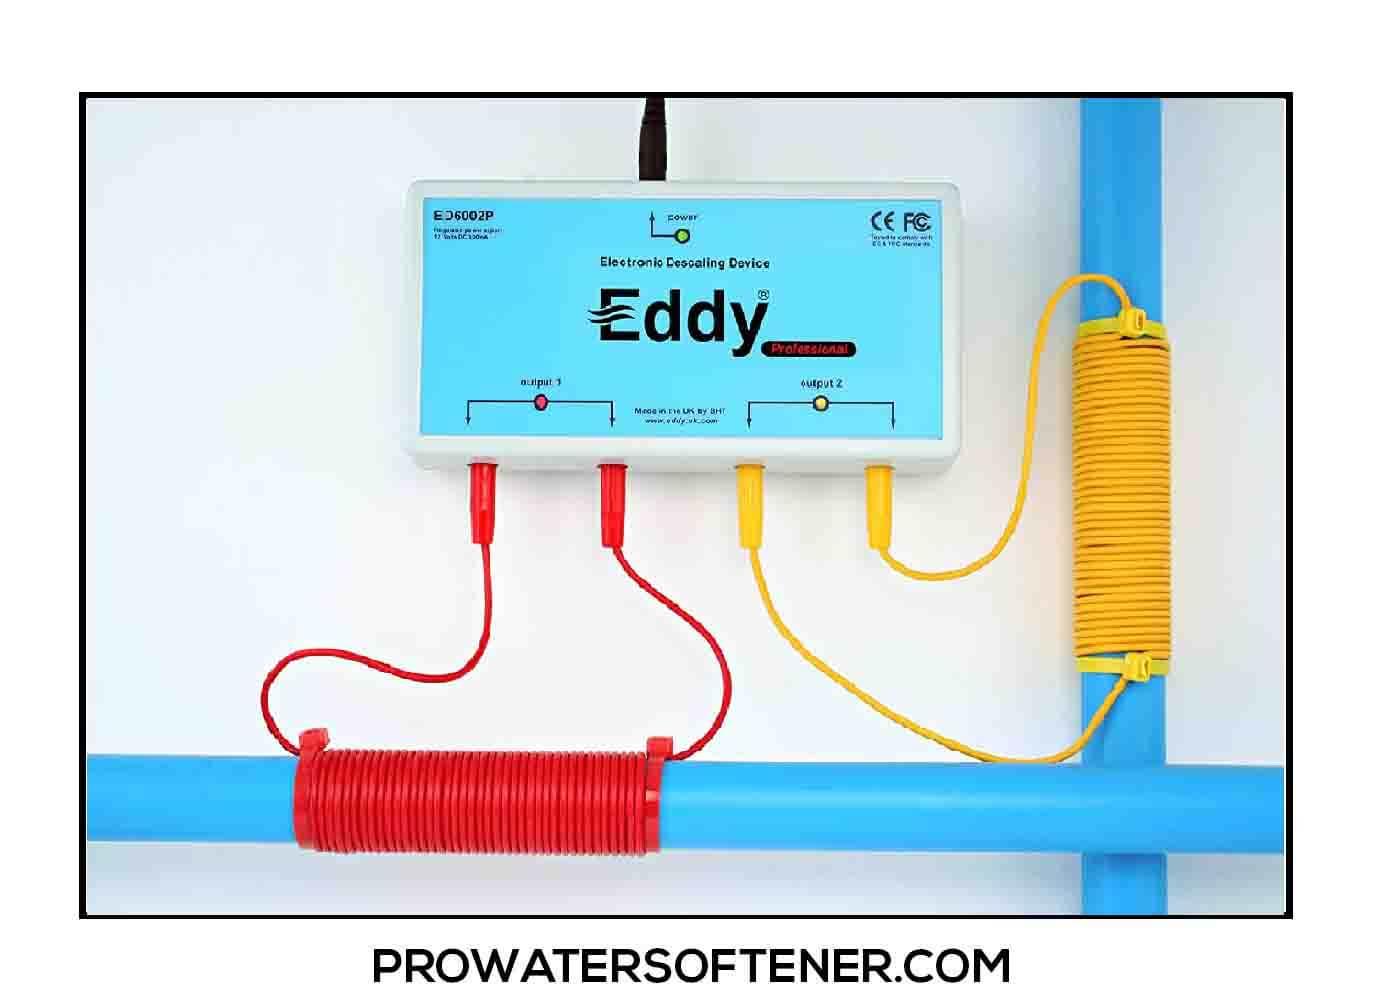 Eddy Water Descaler